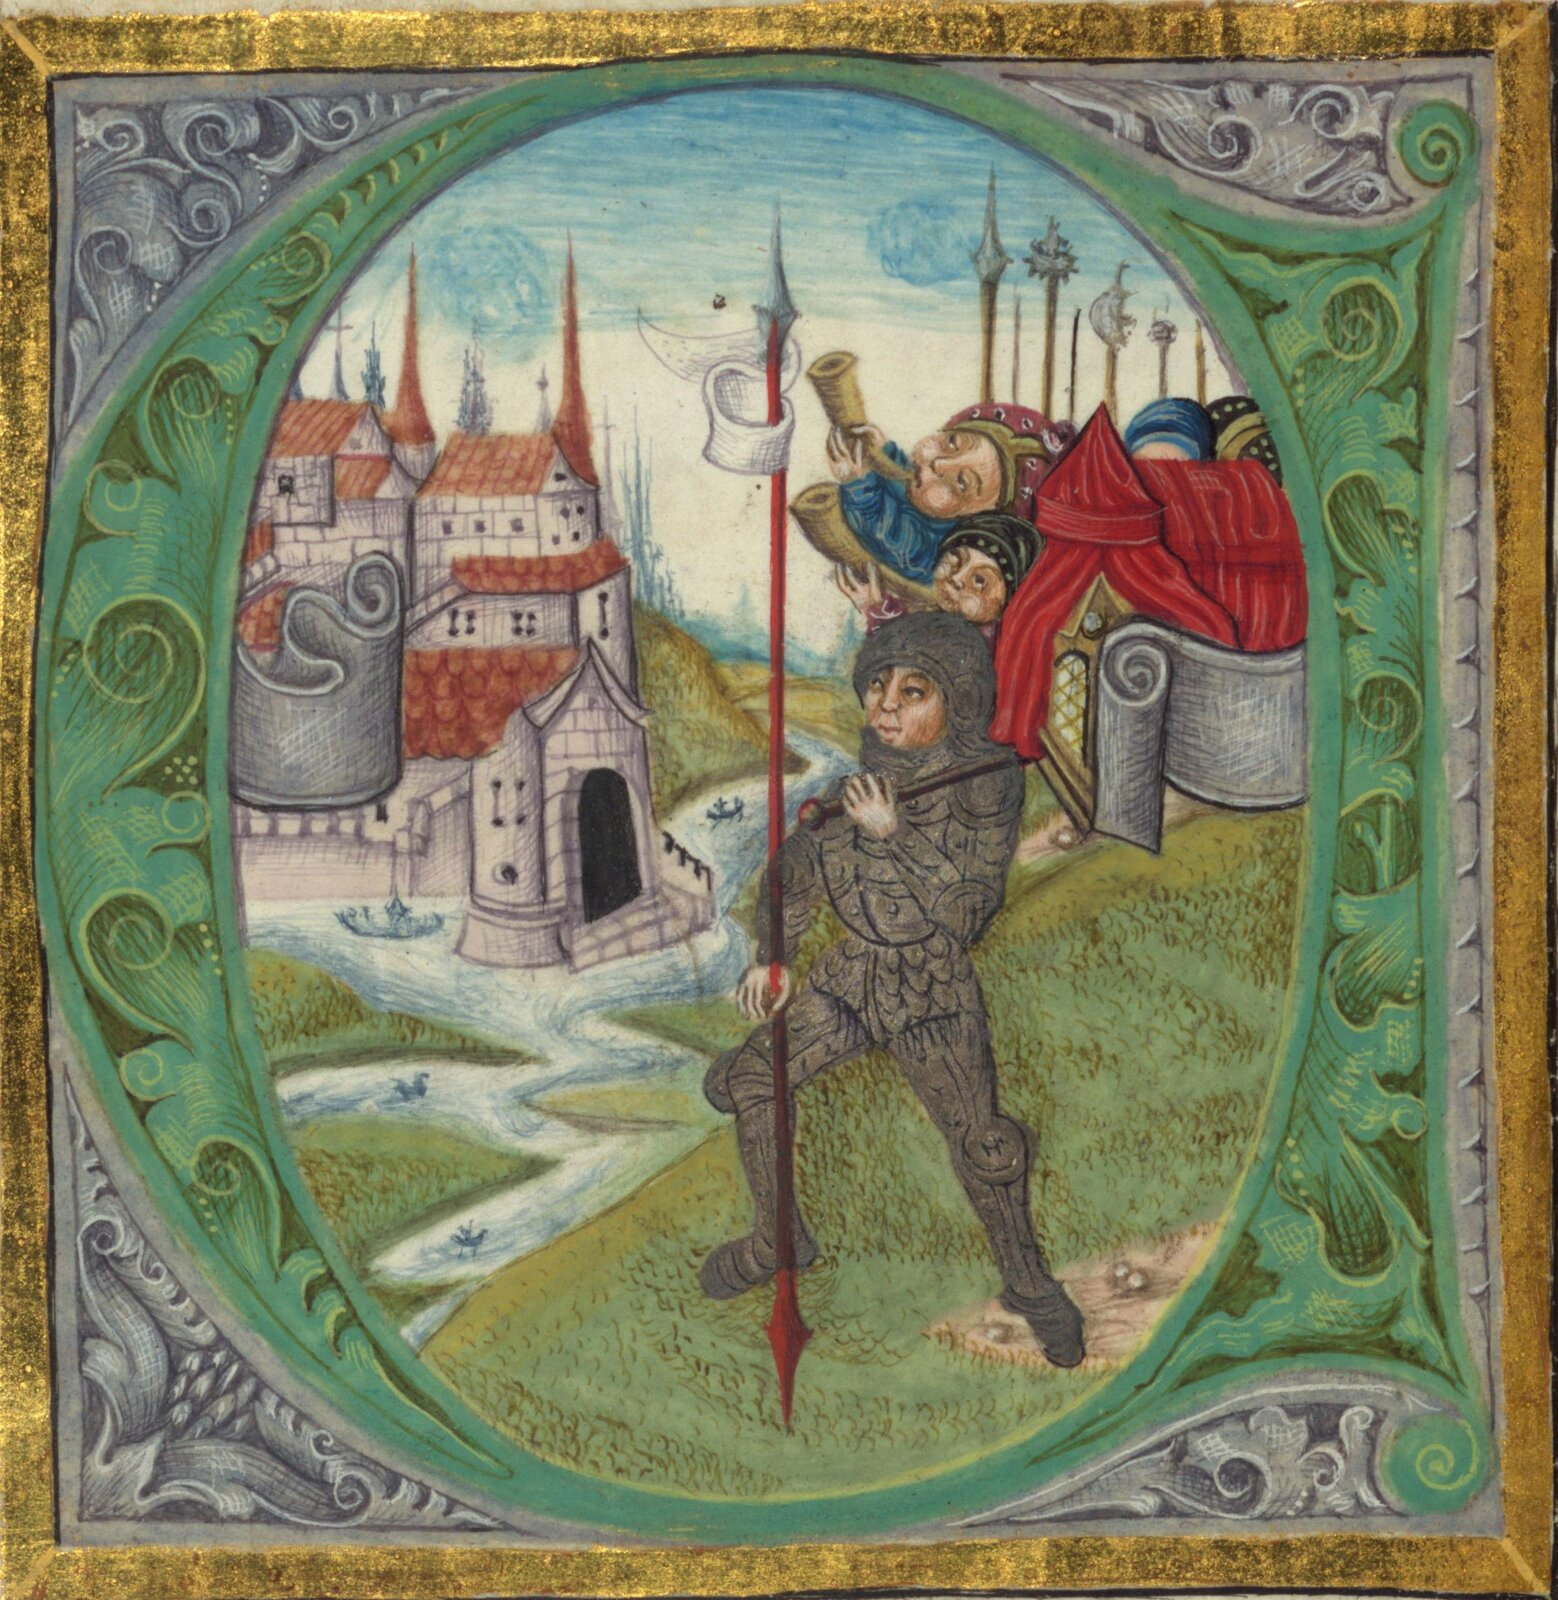 Zdjęcie przedstawia obraz wzłotej ramie. Na obrazie ukazanych jest trzech mężczyzn. Jeden znich ma rycerską zbroję. Wtle można zaobserwować zamek książęcy.